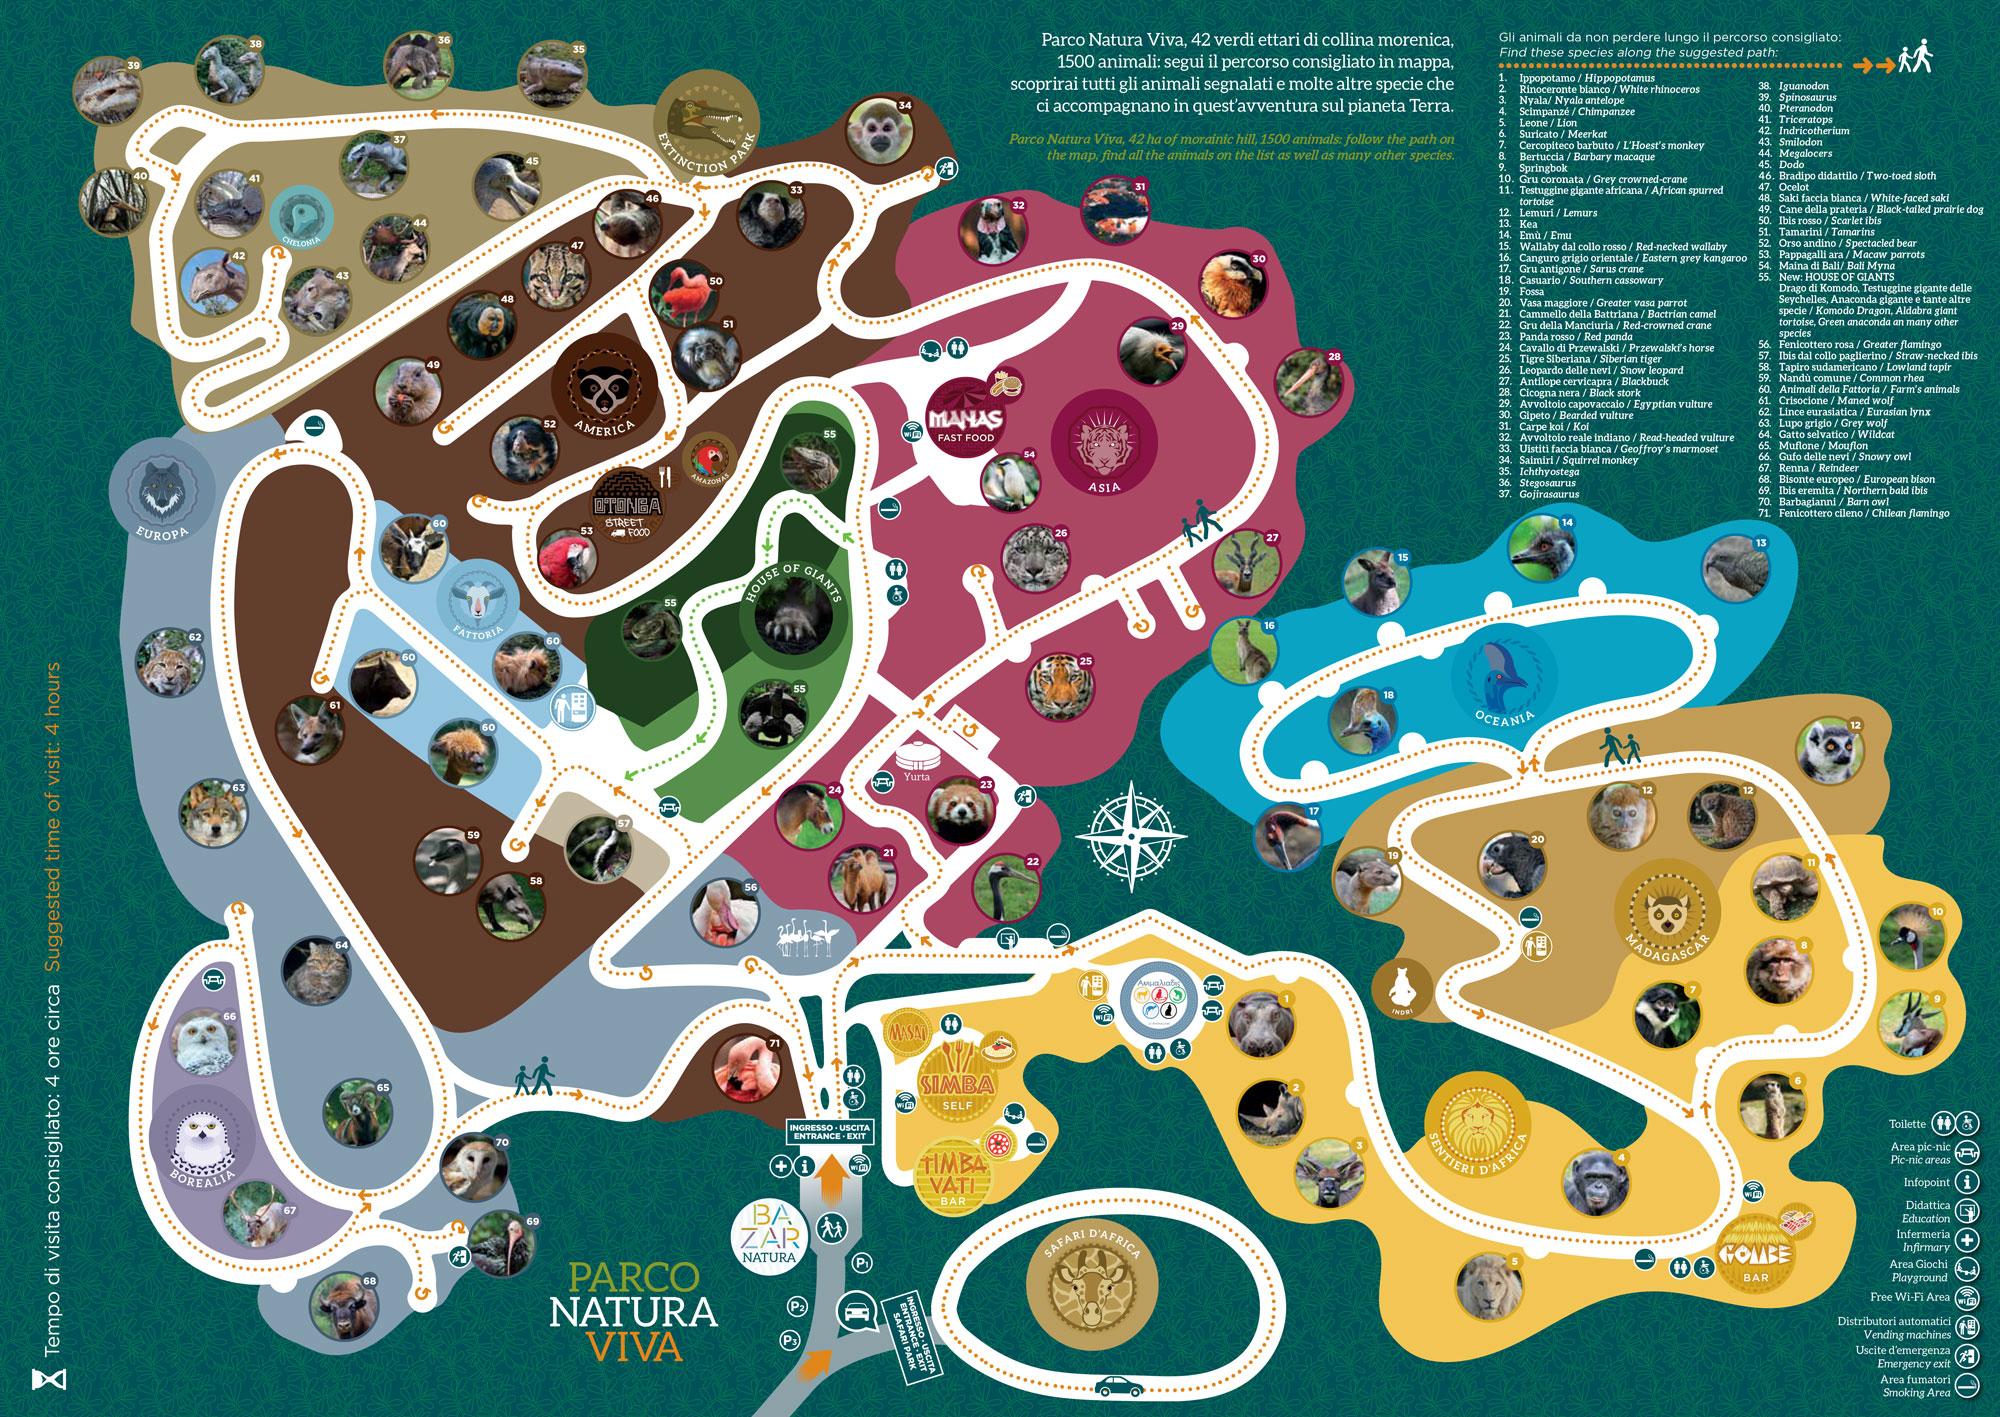 mappa-faunistico-regolamento-hog-sett-1.jpg